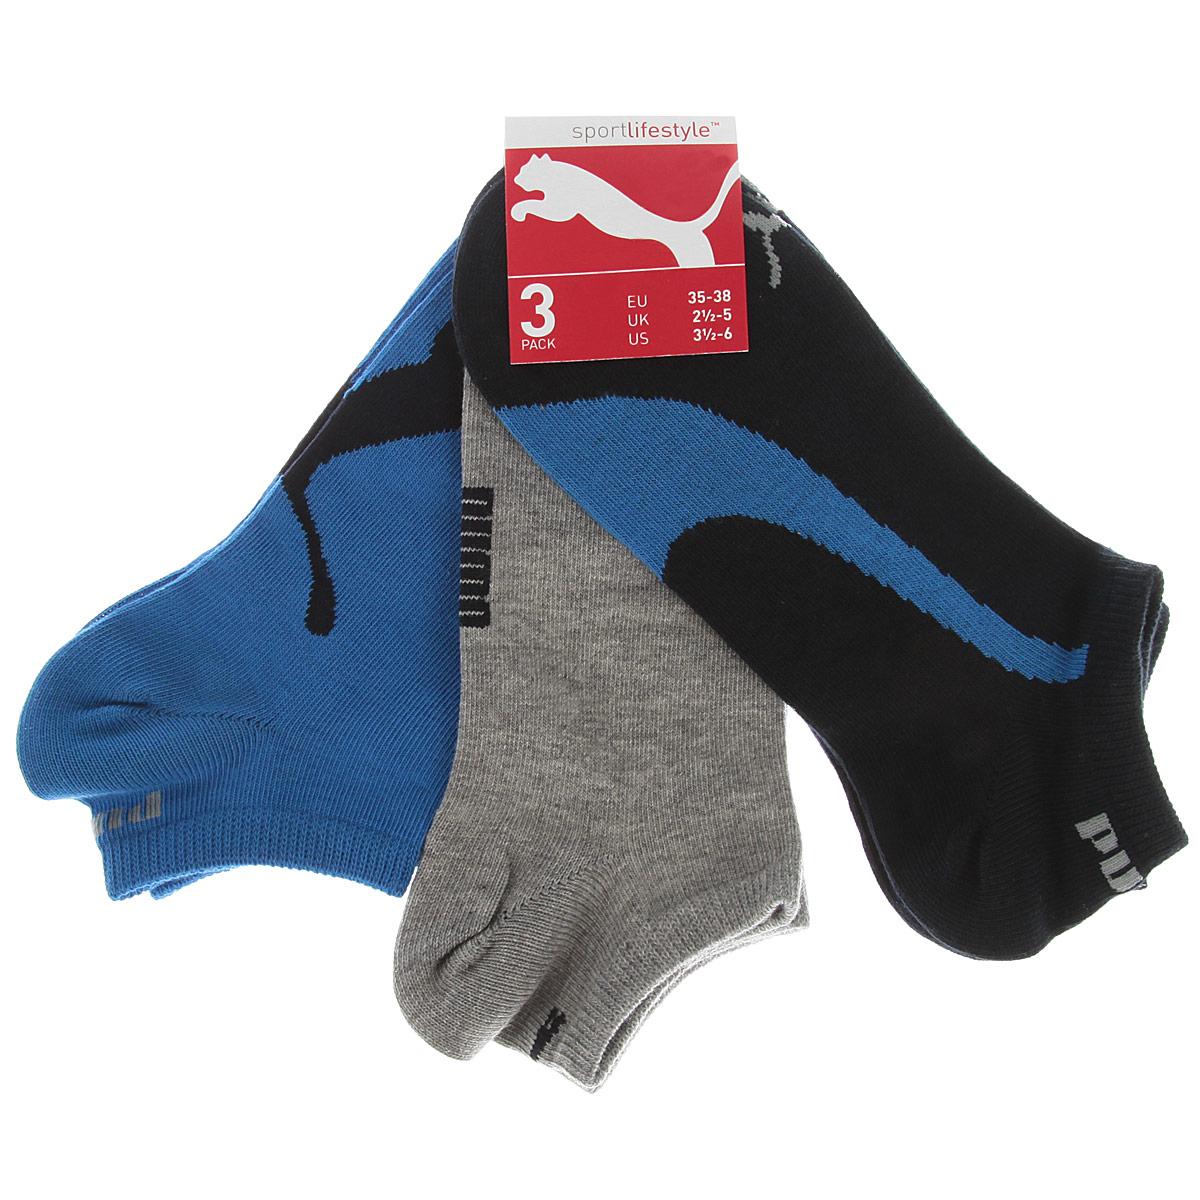 Носки унисекс Puma Lifestyle Sneakers, цвет: темно-синий, серый, голубой, 3 пары. 88641203. Размер 43/4688641203Носки Puma Lifestyle Sneakers с укороченным паголенком изготовлены из хлопка с добавлением полиамида и эластана. Комфортная широкая резинка не сдавливает и облегает ногу.В комплект входят три пары носков, оформленных фирменным логотипом бренда.